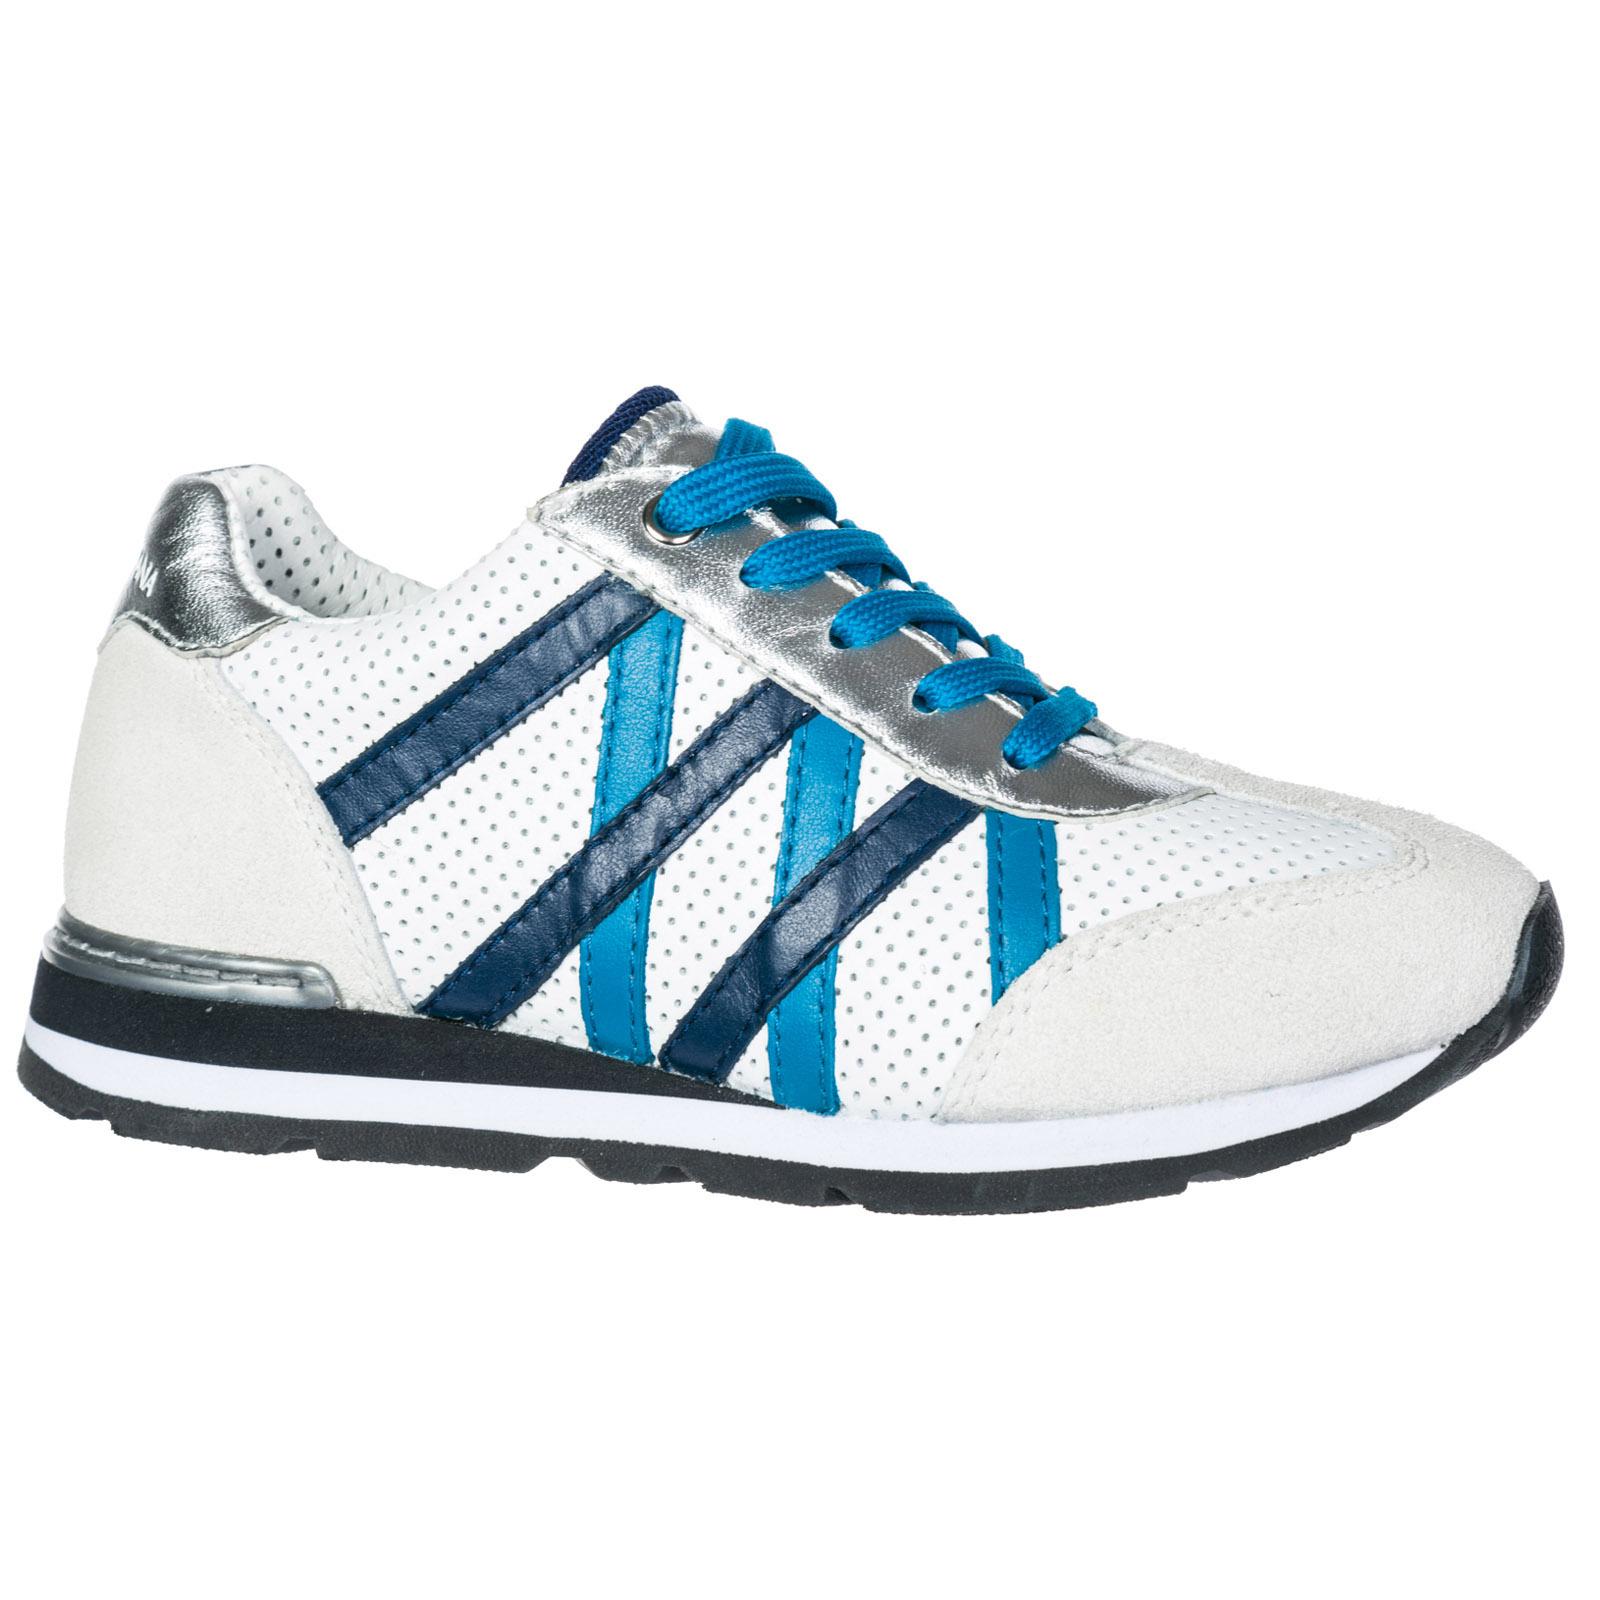 Scarpe sneakers bambino camoscio Scarpe sneakers bambino camoscio Scarpe  sneakers bambino camoscio ... 564bd646021